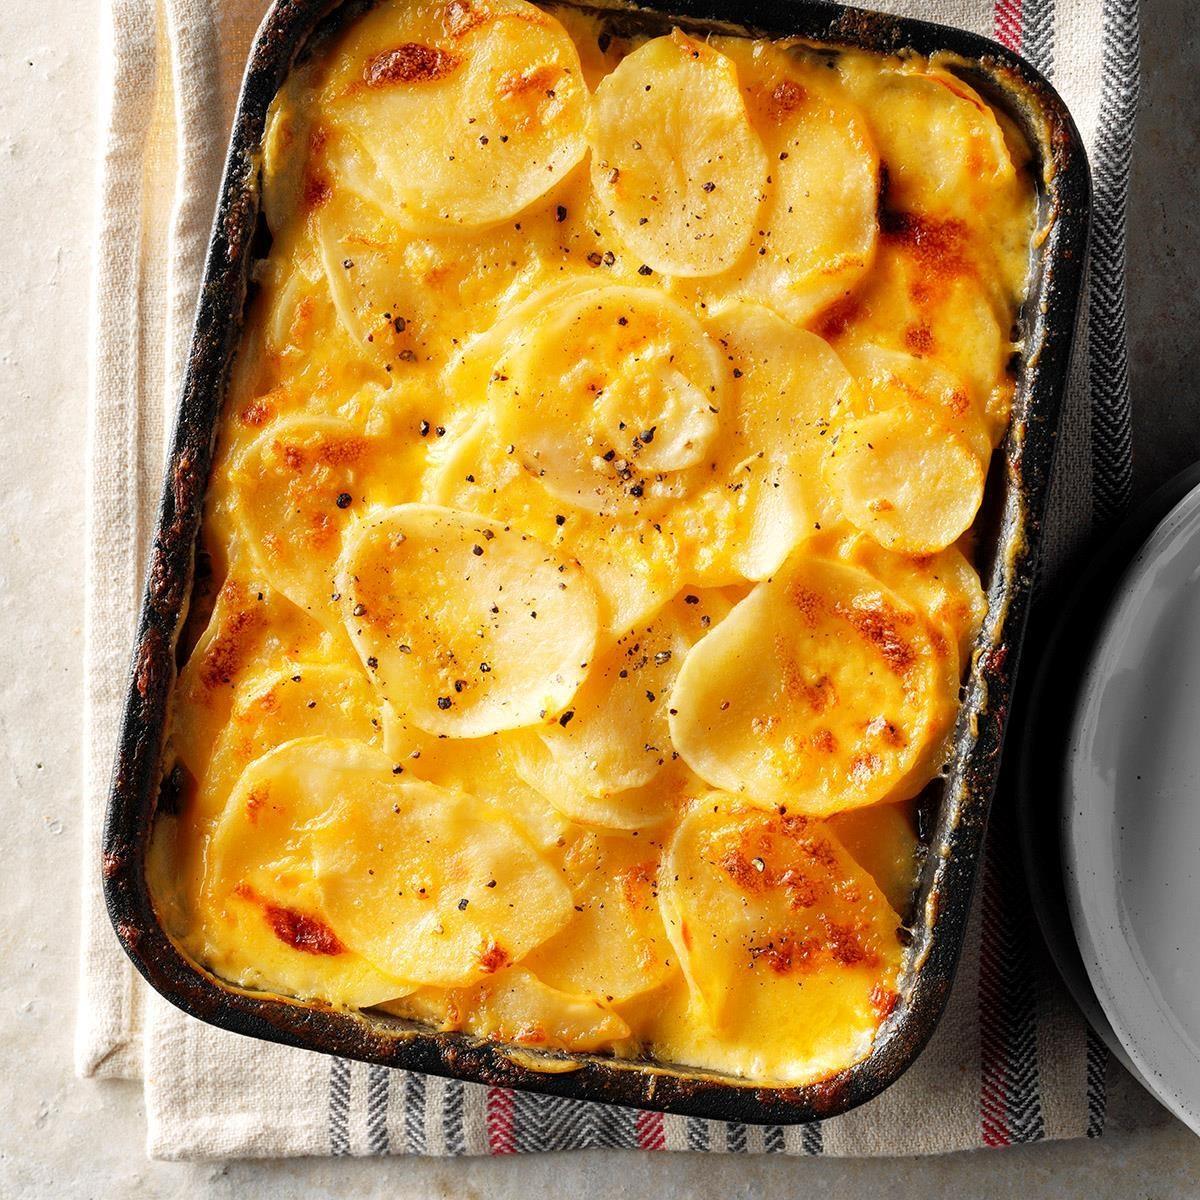 Simple Au Gratin Potatoes Exps Ghbz18 18345 E08 15 5b 3